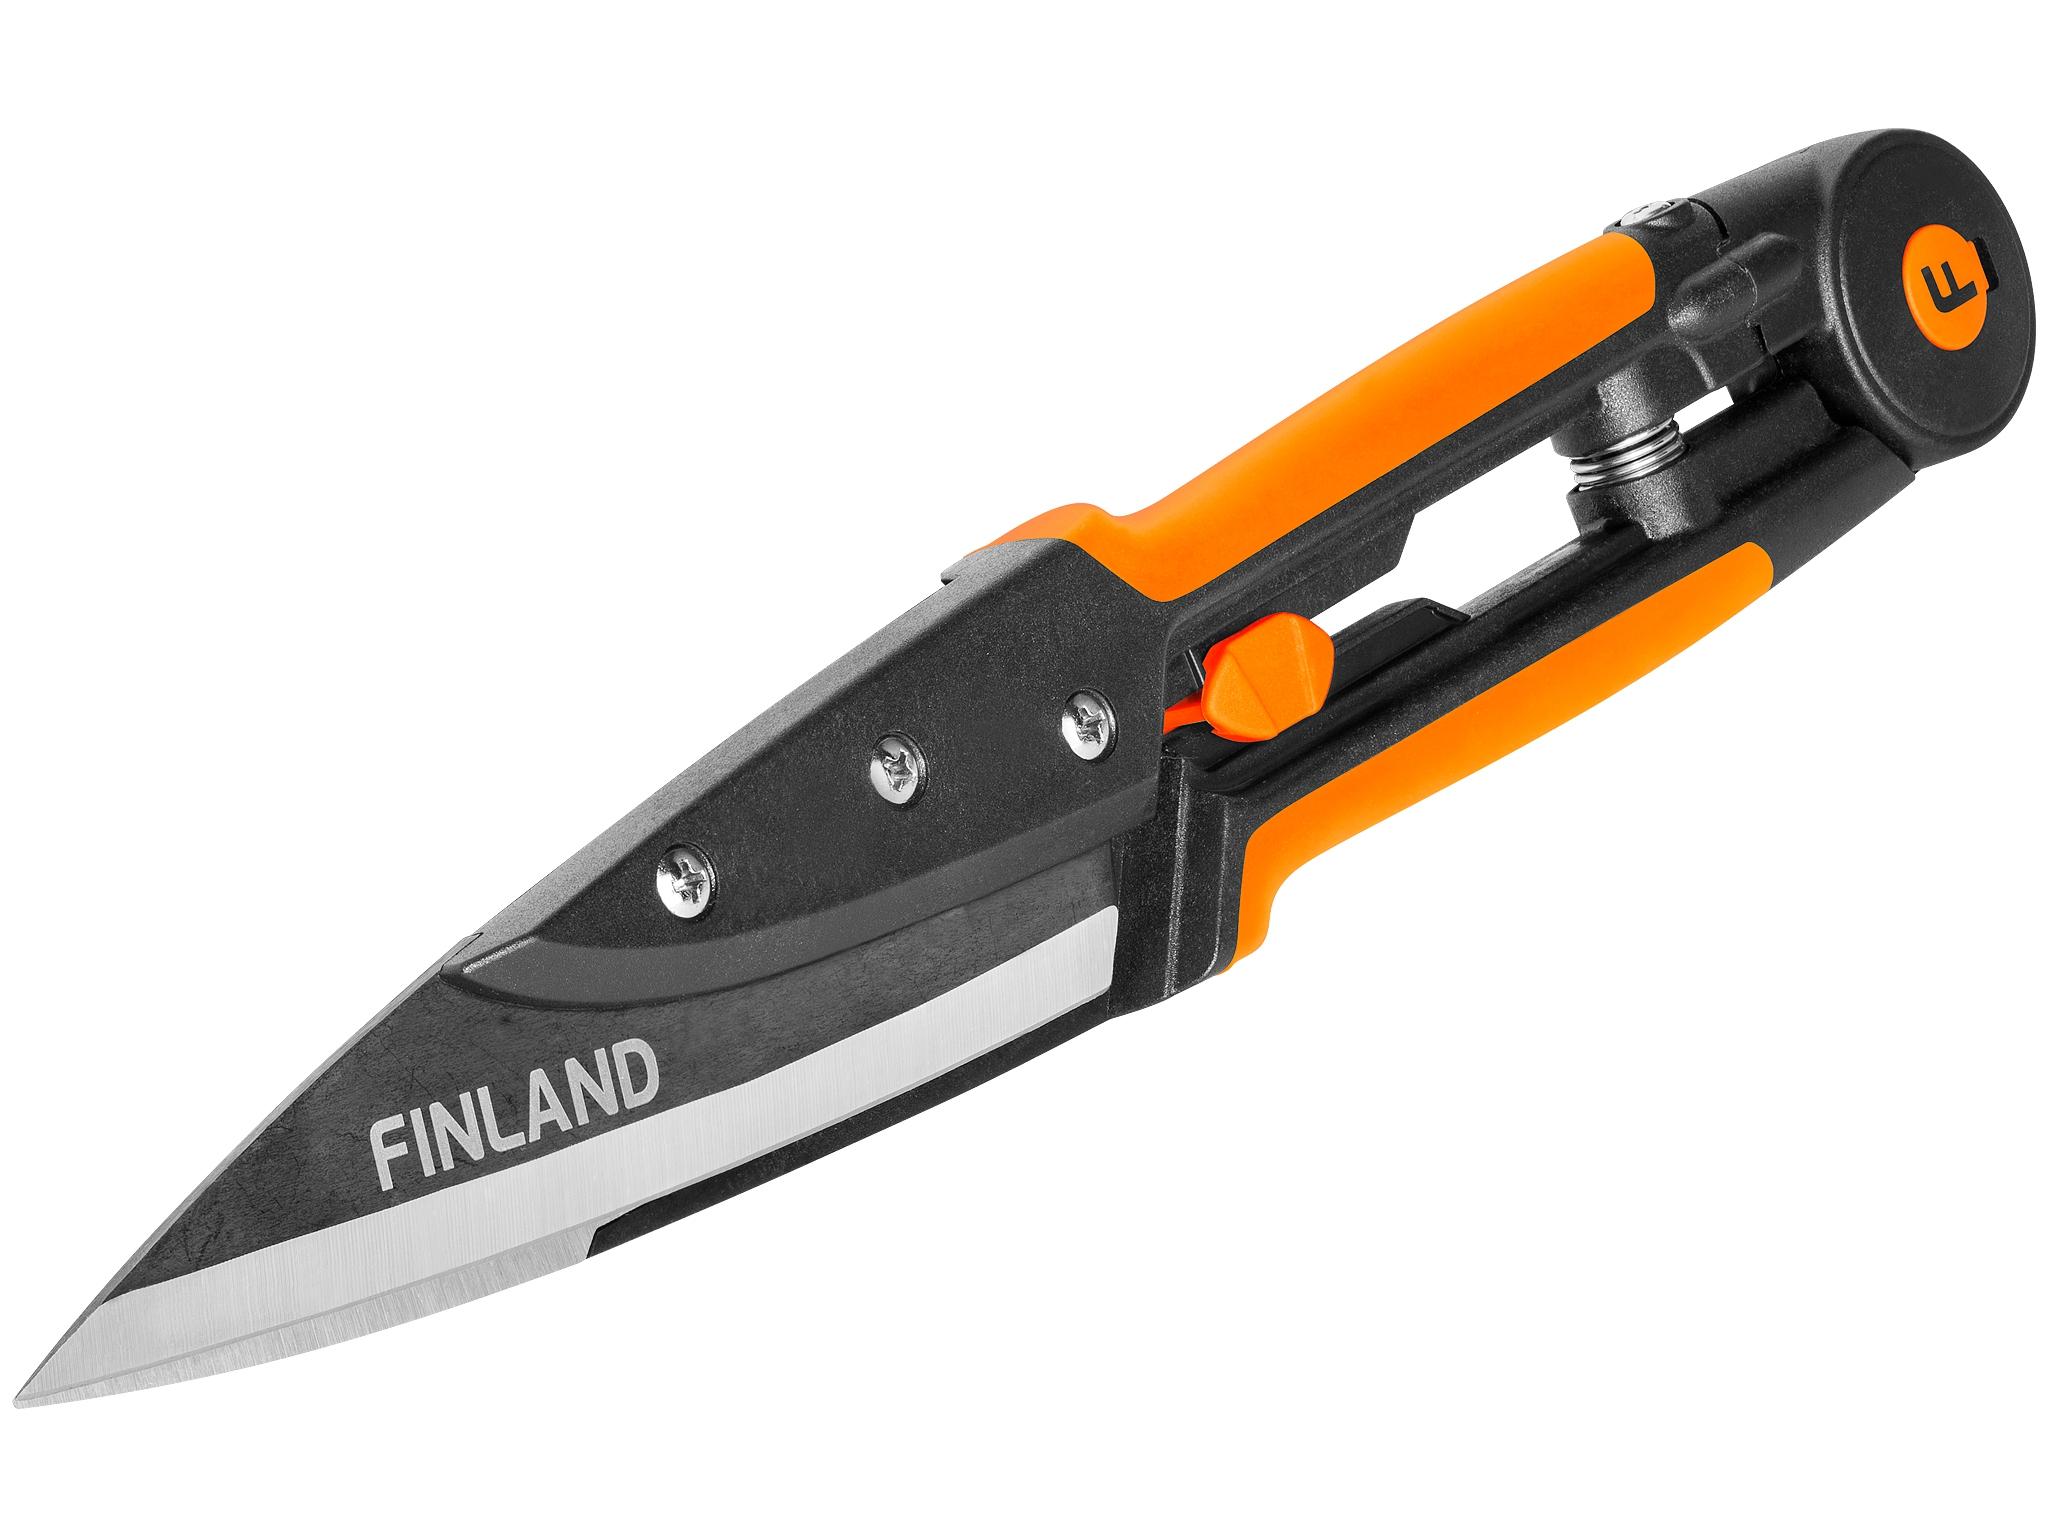 FINLAND Zales skeres, terauda, 34,5cm, atverums 60mm Šķēres